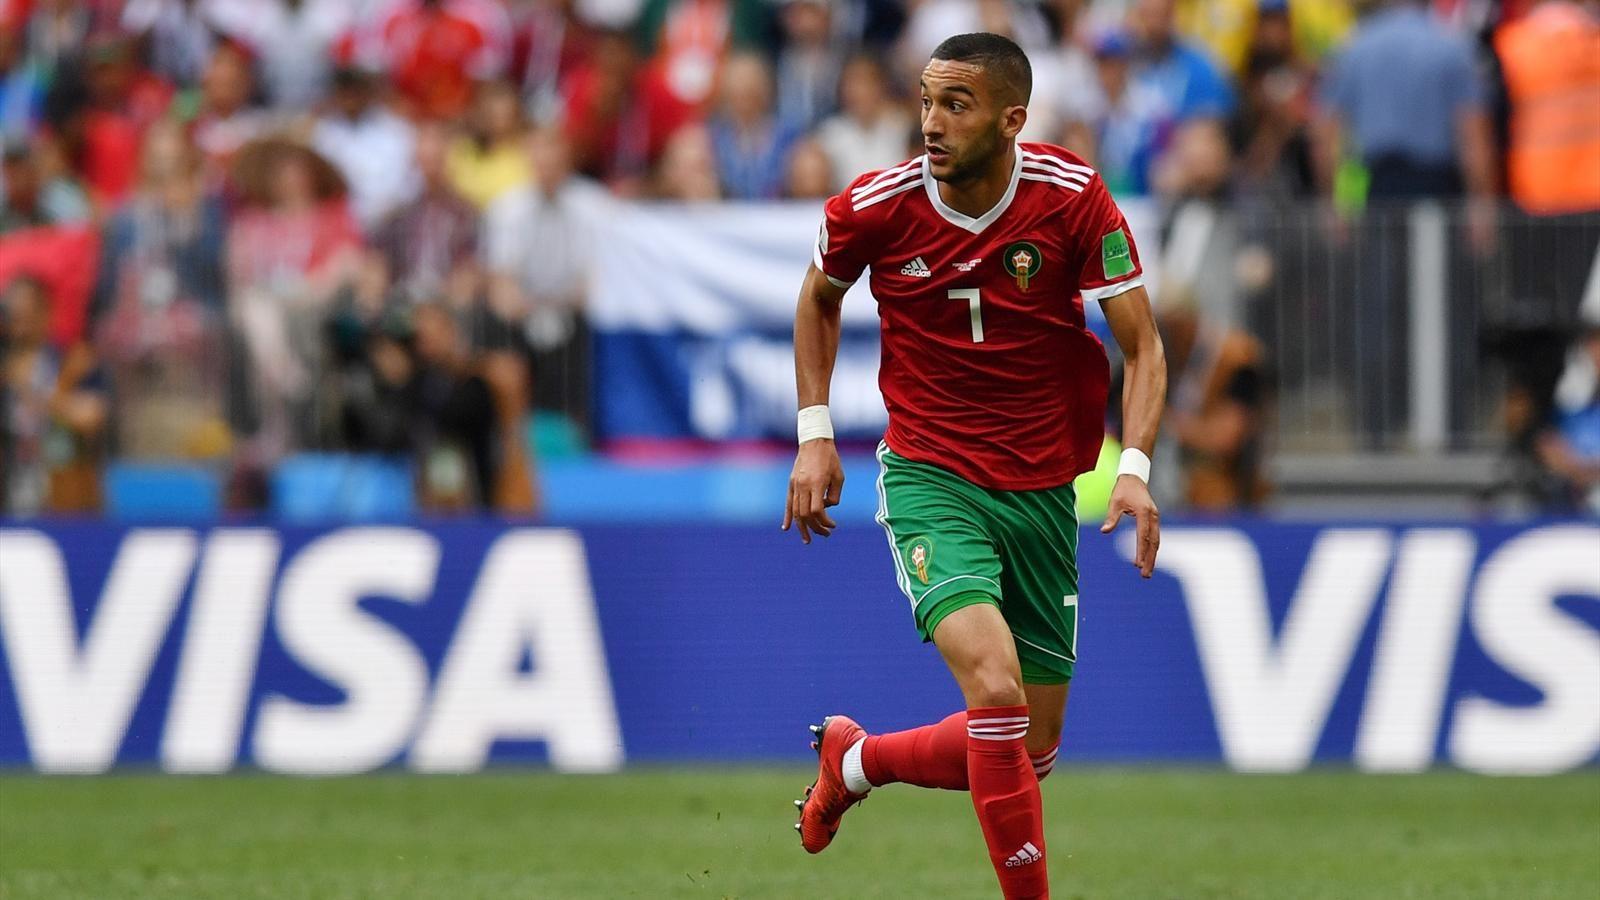 دخل الدولي المغربي حكيم زياش بقوة إلى سباق التنافس على جائزة أفضل لاعب كرة قدم في هولندا، بعدما أشاد الجميع بأدائه المتميز رفقة فريقه خاصة في كأس عصبة الأبطال الأوربية.